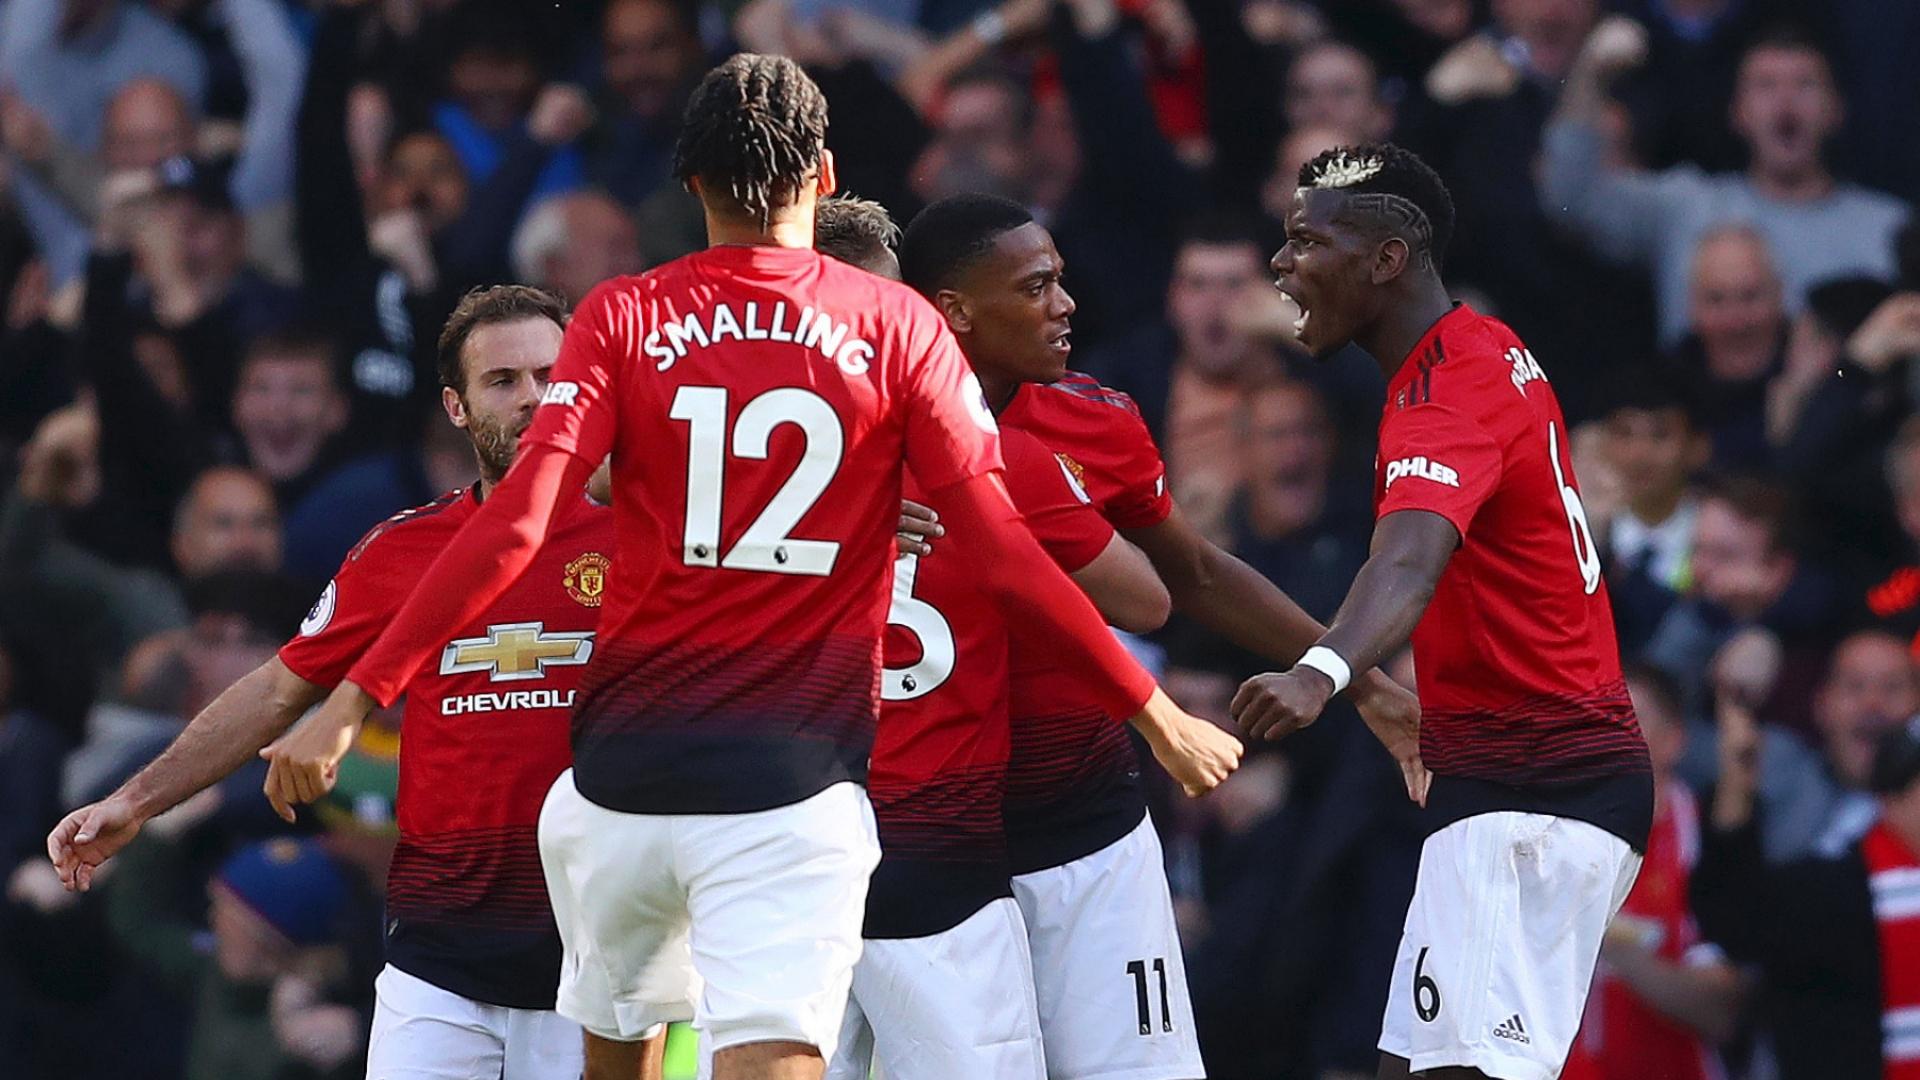 Man Utd celebrate vs Chelsea